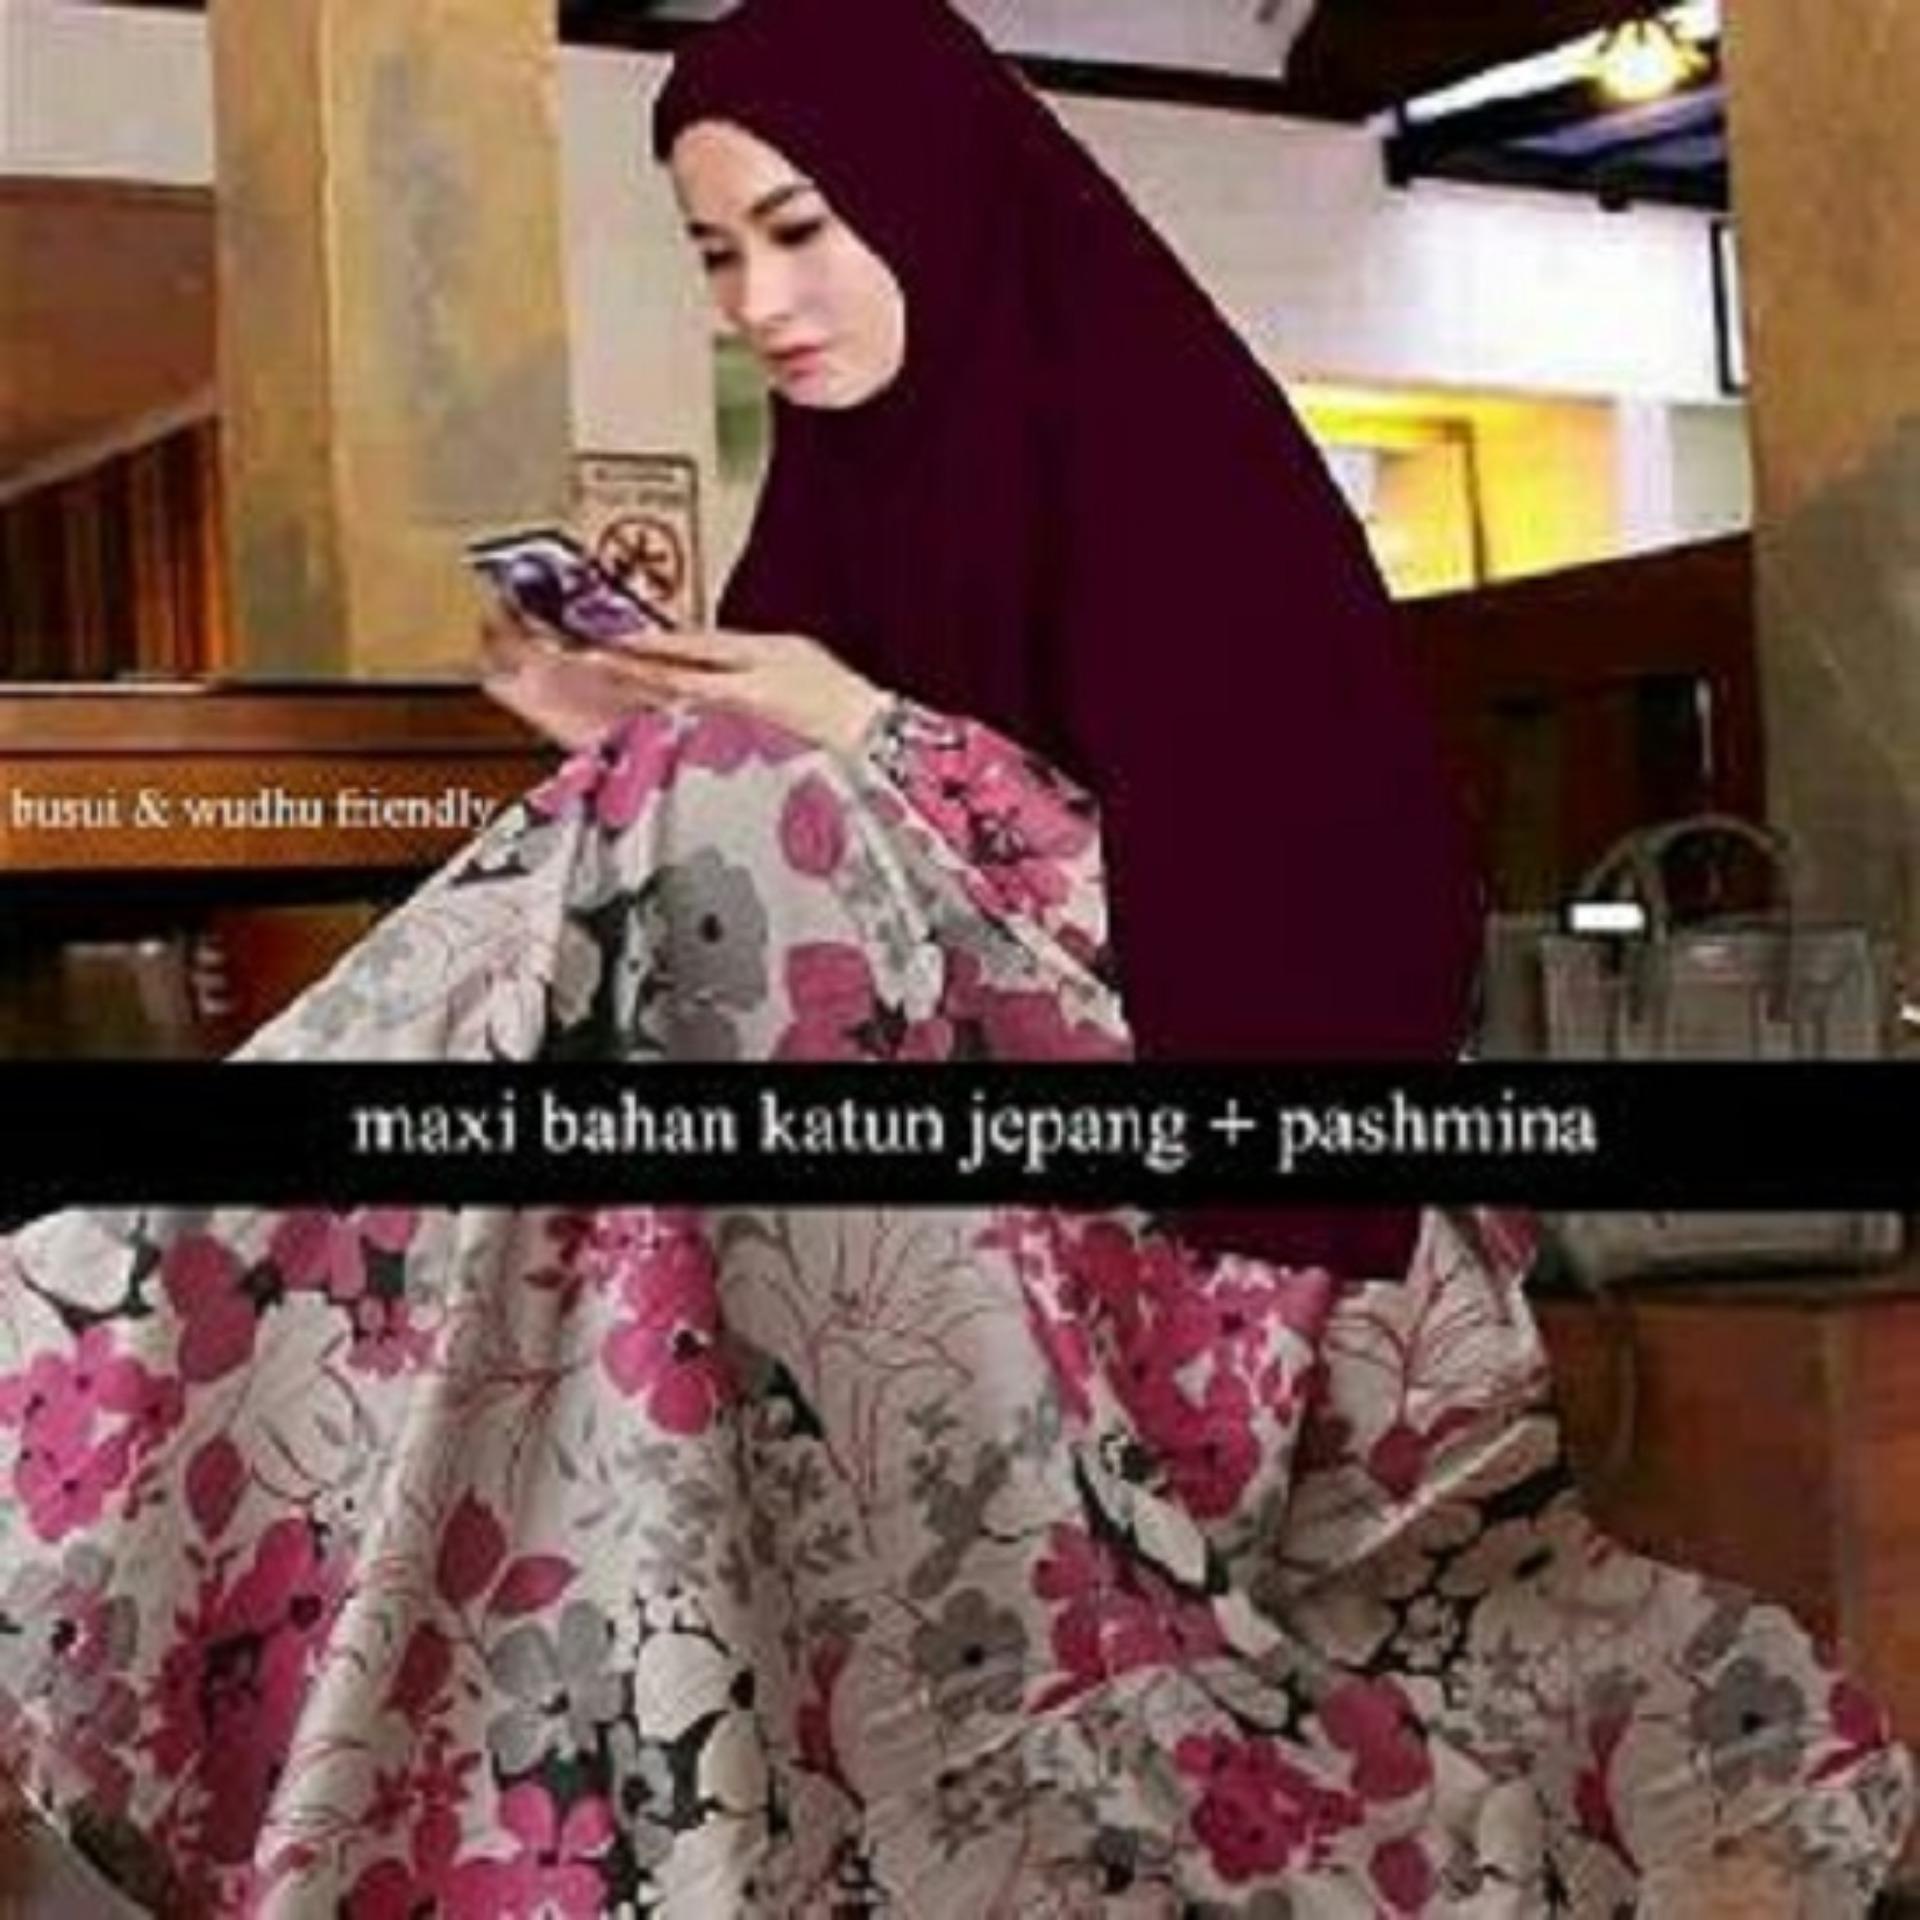 Busana Toko Online Laris Manis Jual Berbagai Produk Terlaris Gamis Syari Afida Dress Ter Bahan Baloteli Bajuready 1016 Baju Muslim Katun Jepang Pakaian Wanita Cewek Kekinian Jumbo Maxi Maxy